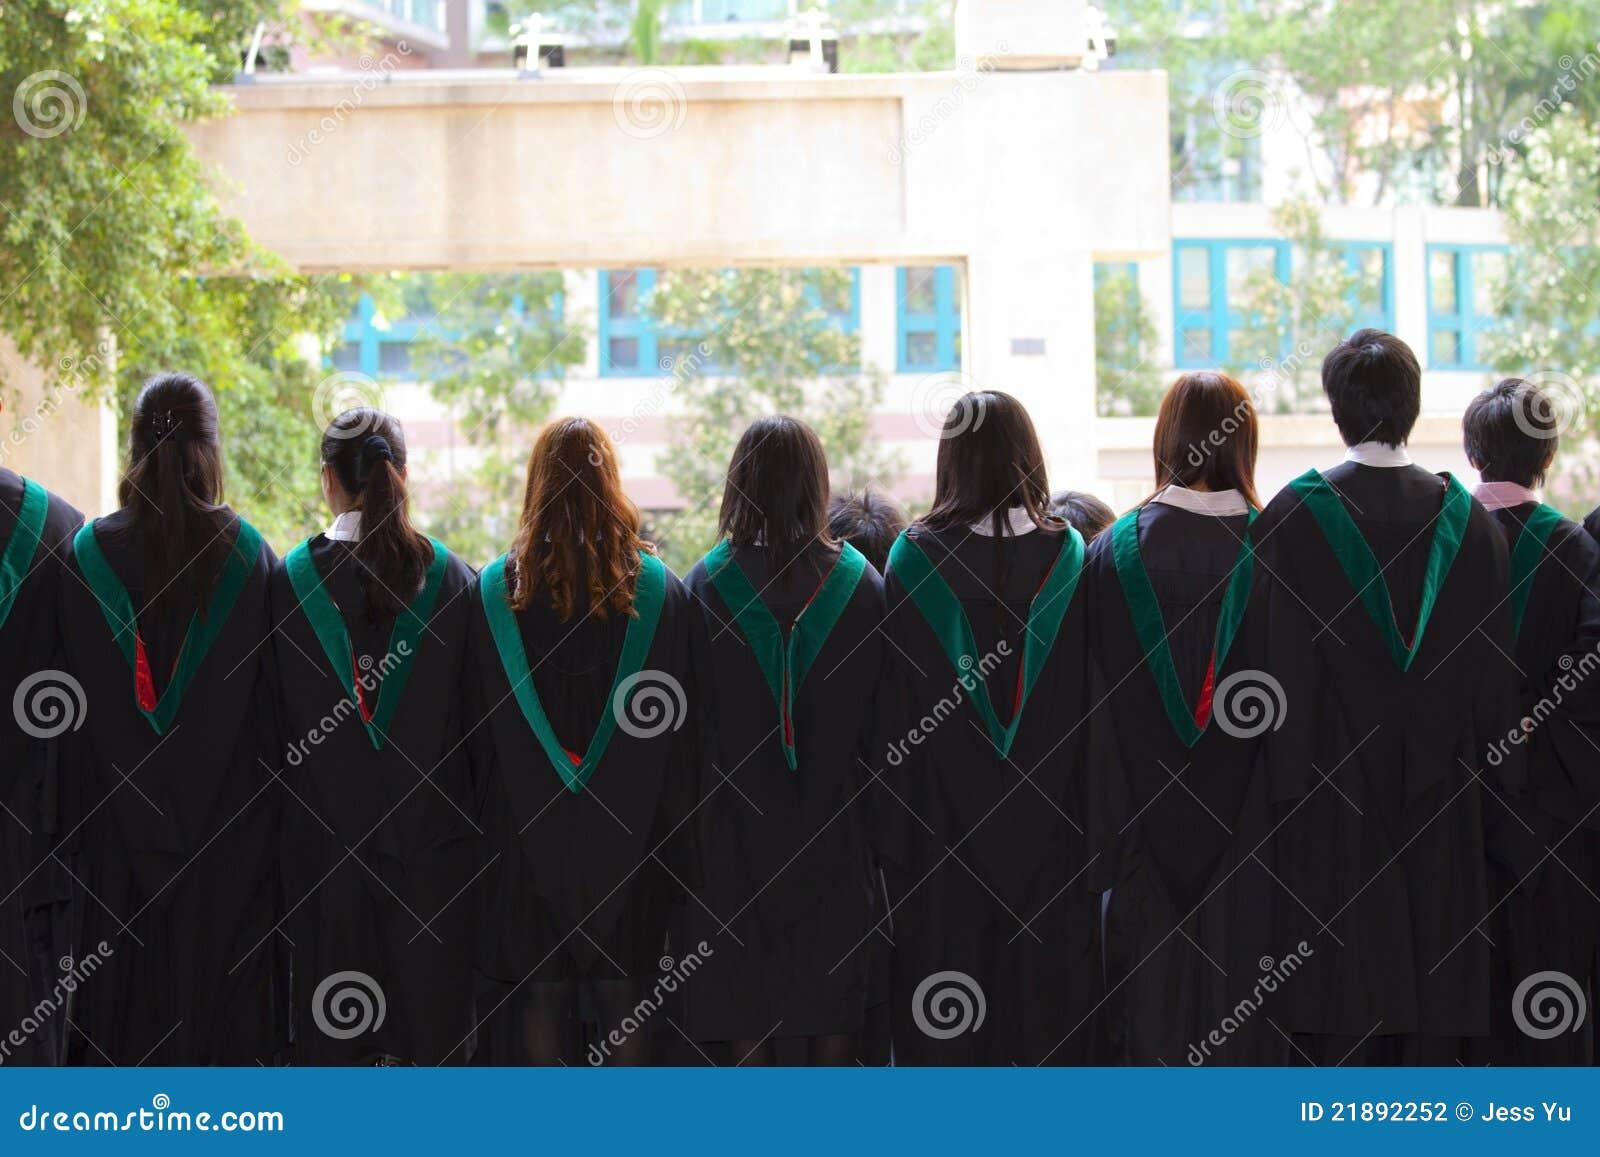 Назад университета градуирует с их мантиями